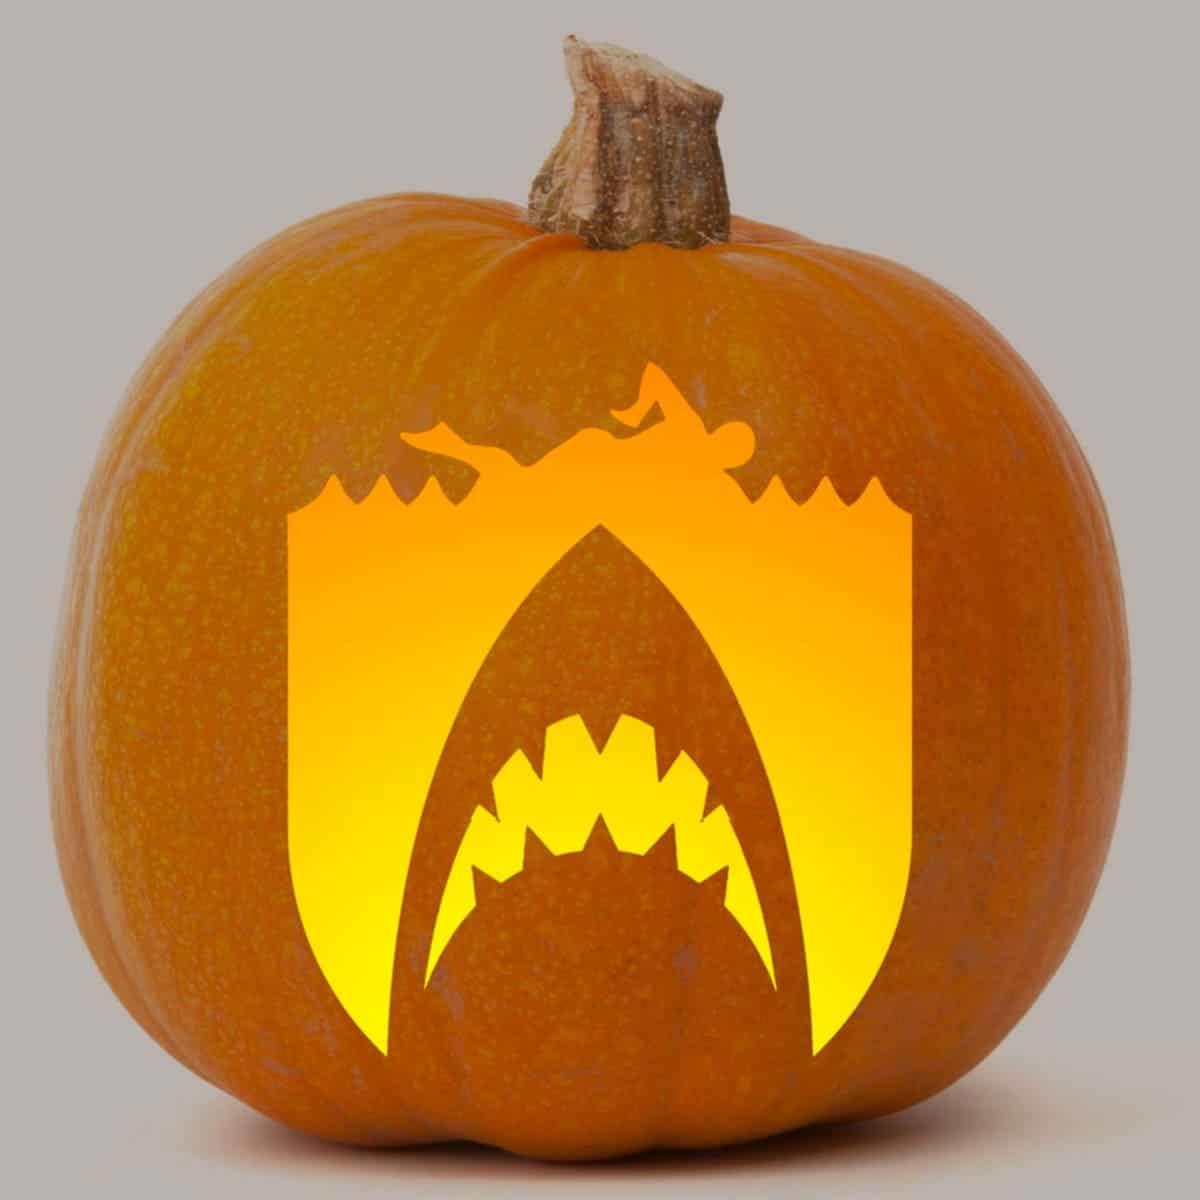 jaws pumpkin